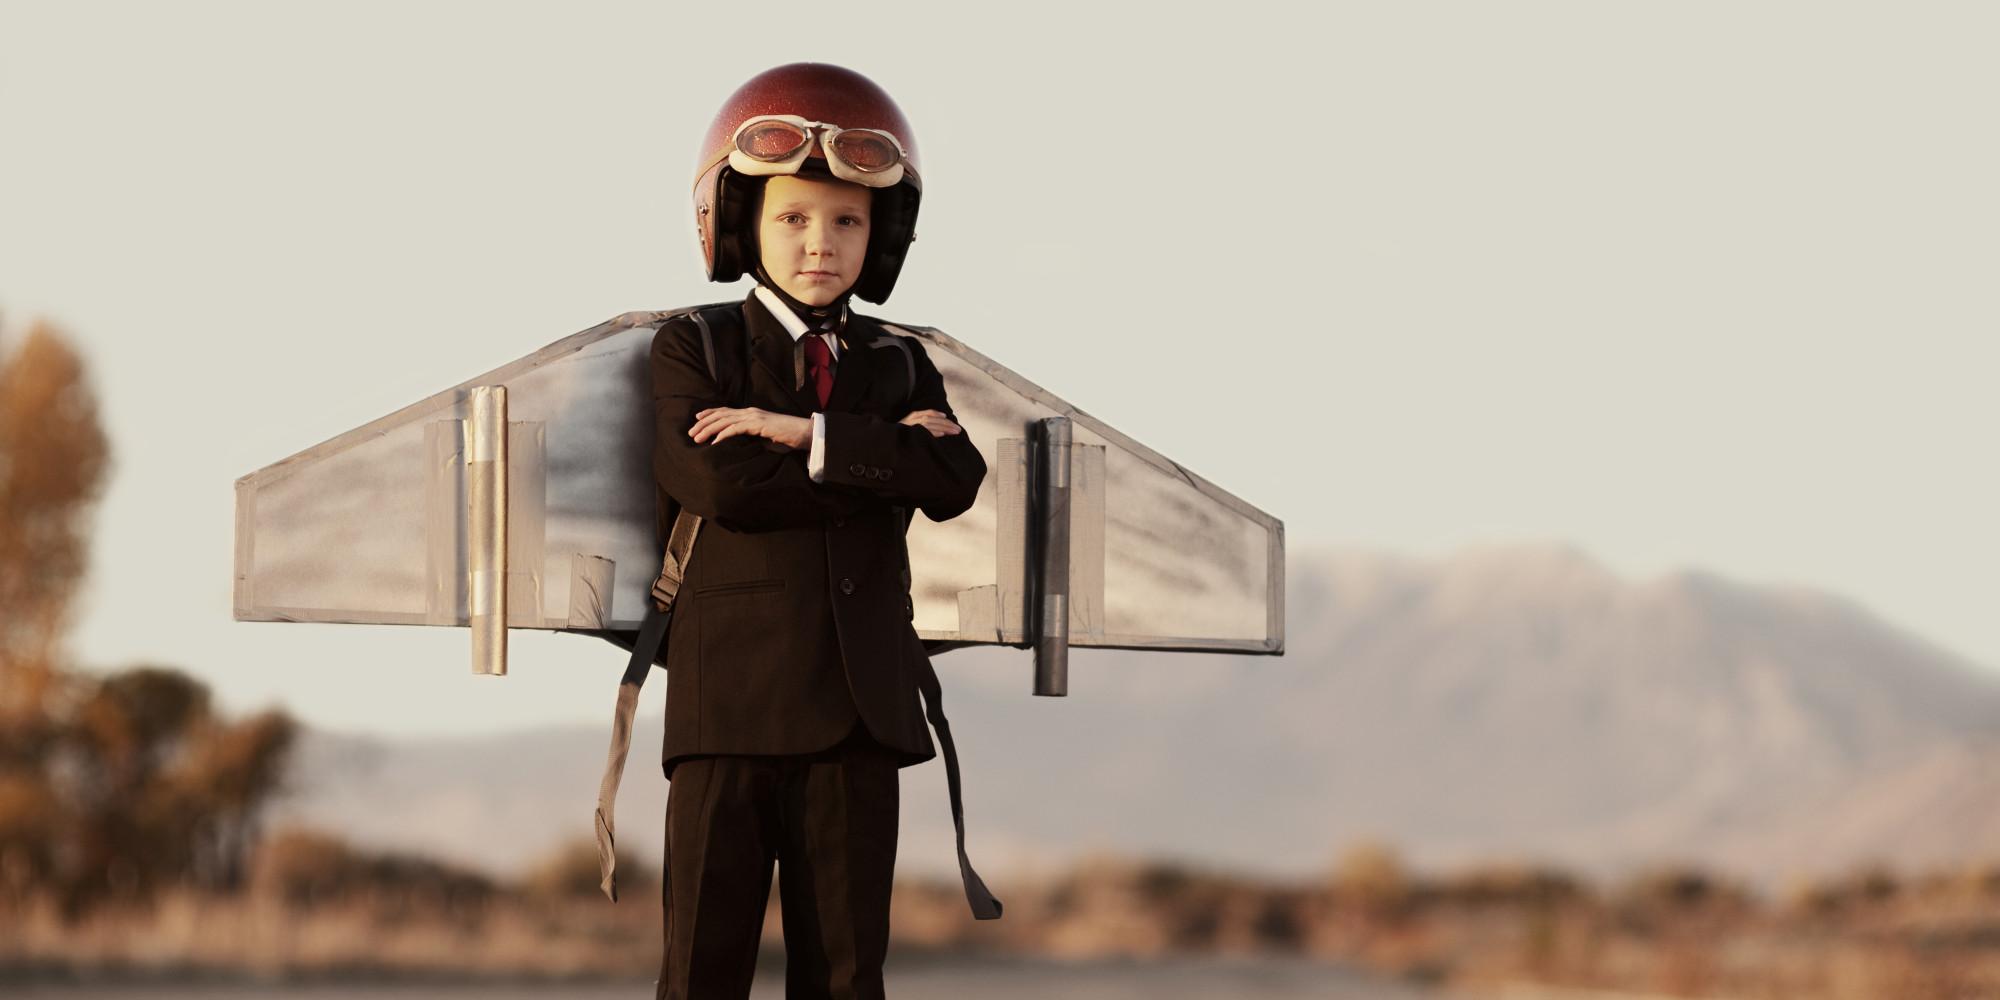 entrepreneurial-kid.jpg